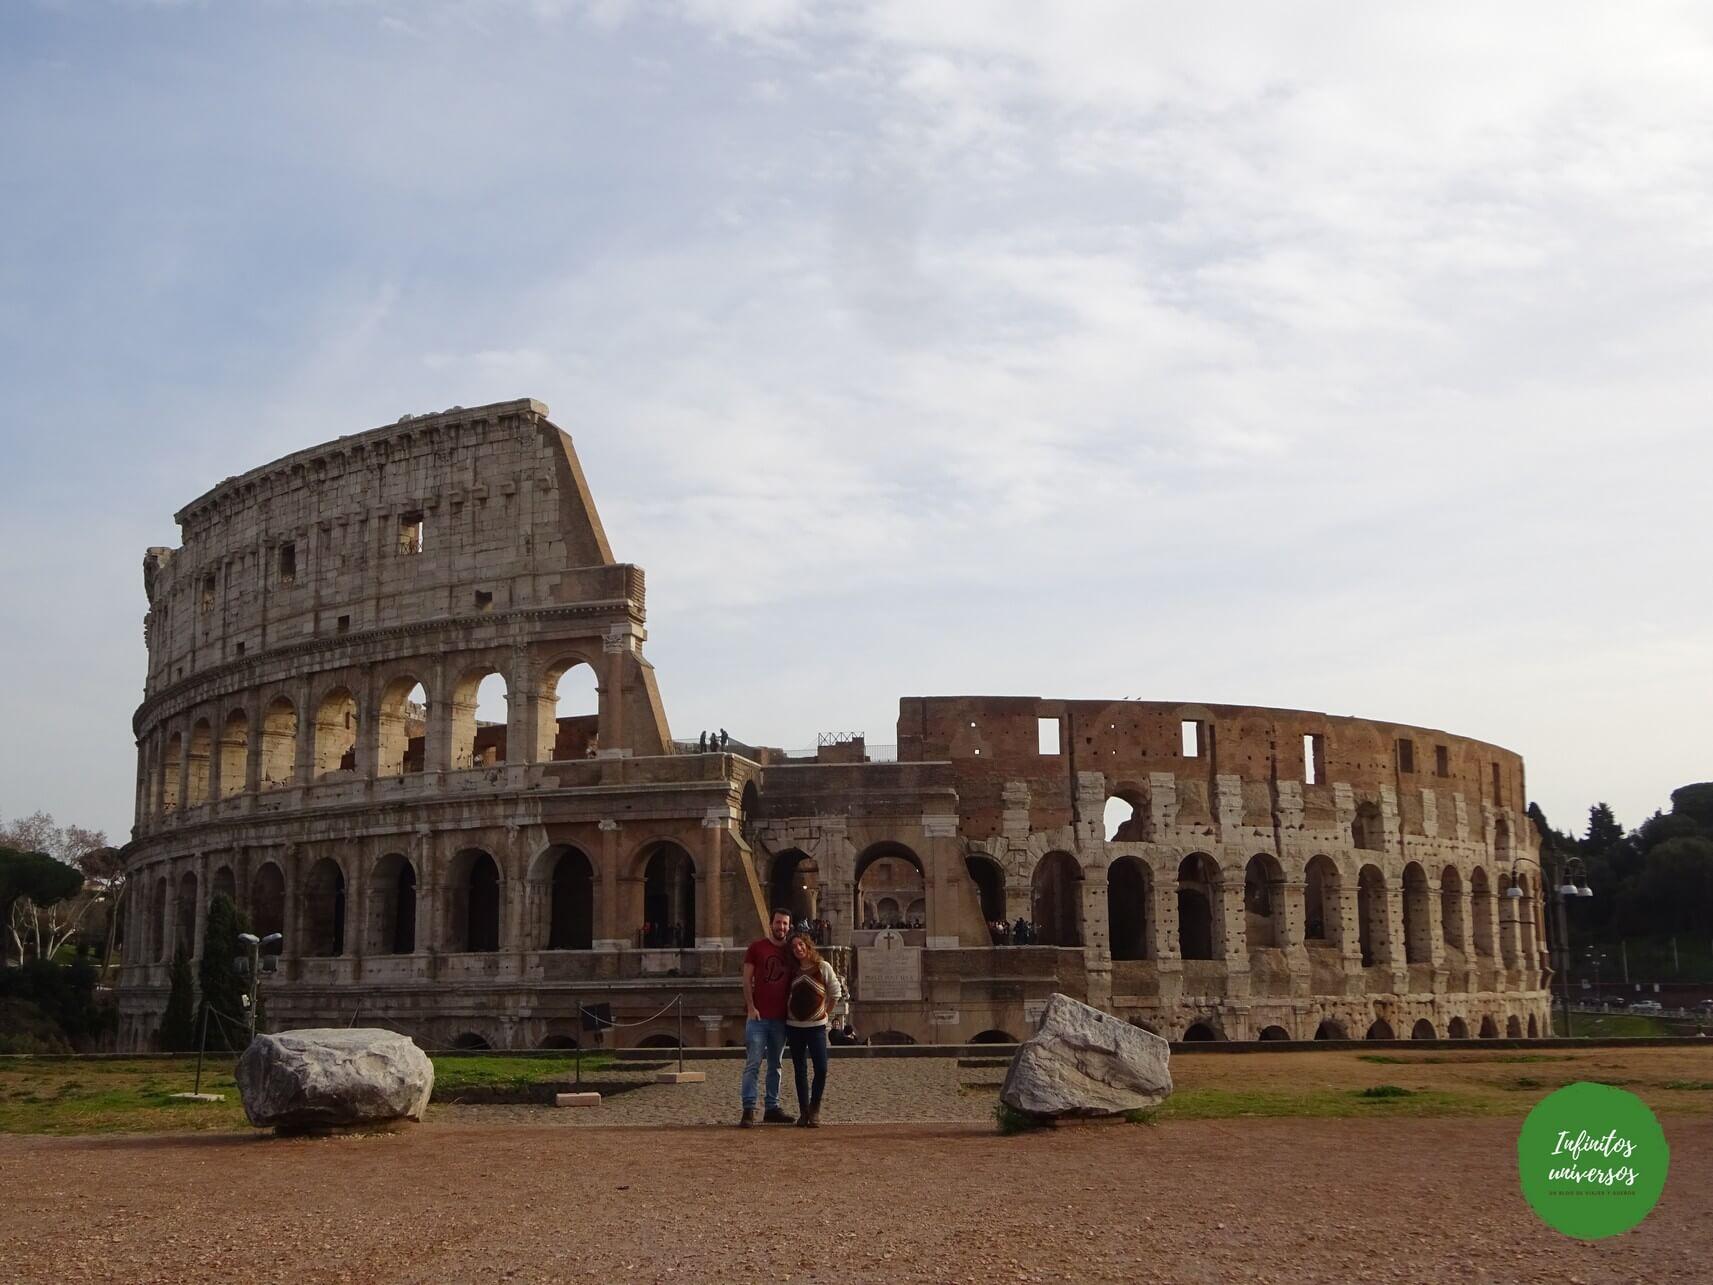 Qué ver en Roma: Visitas imprescindibles y consejos